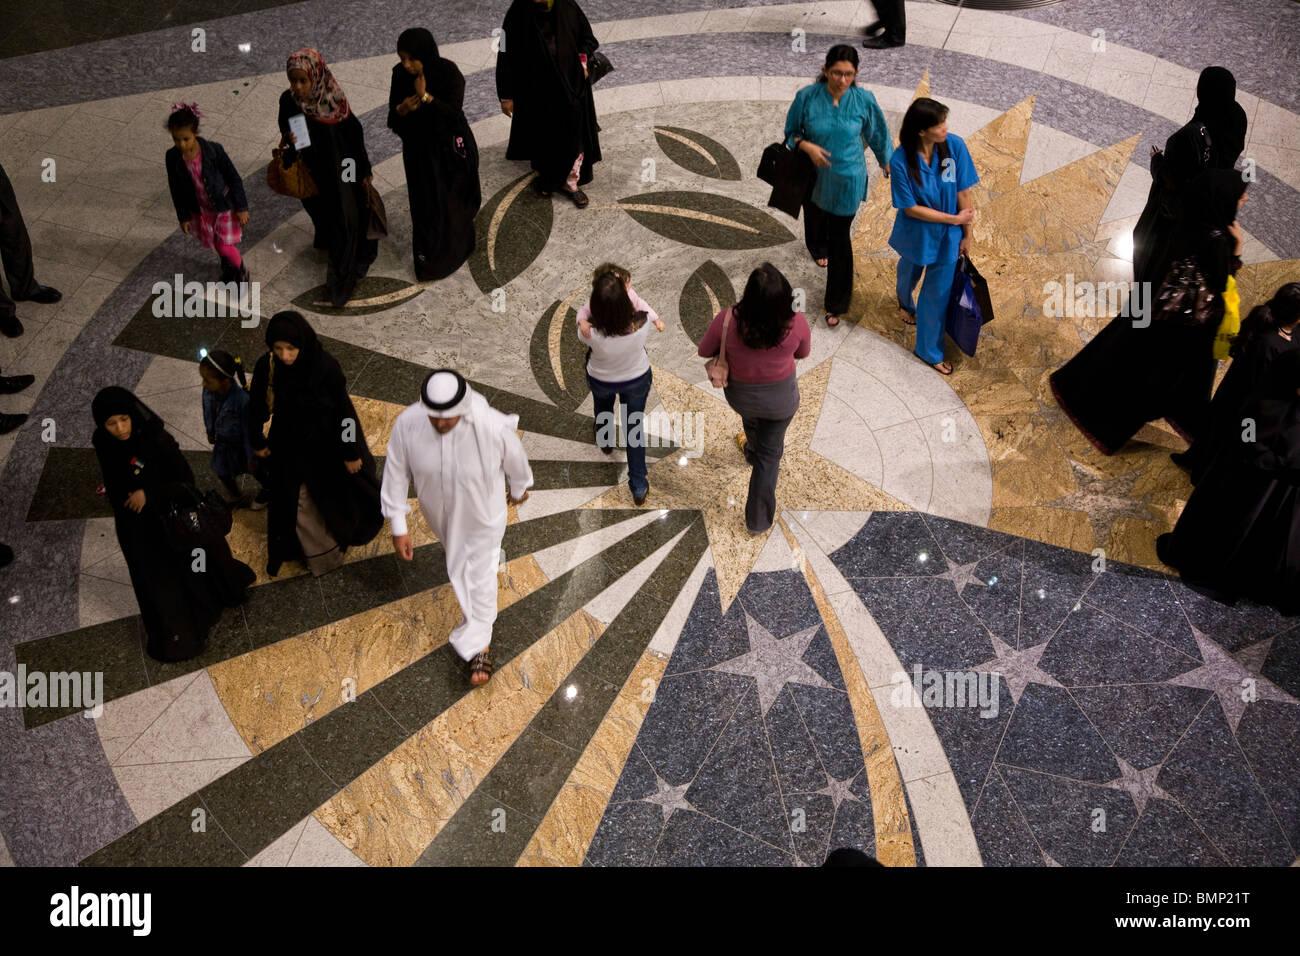 Bahrein CITY CENTRE SHOPPING MALL Imagen De Stock